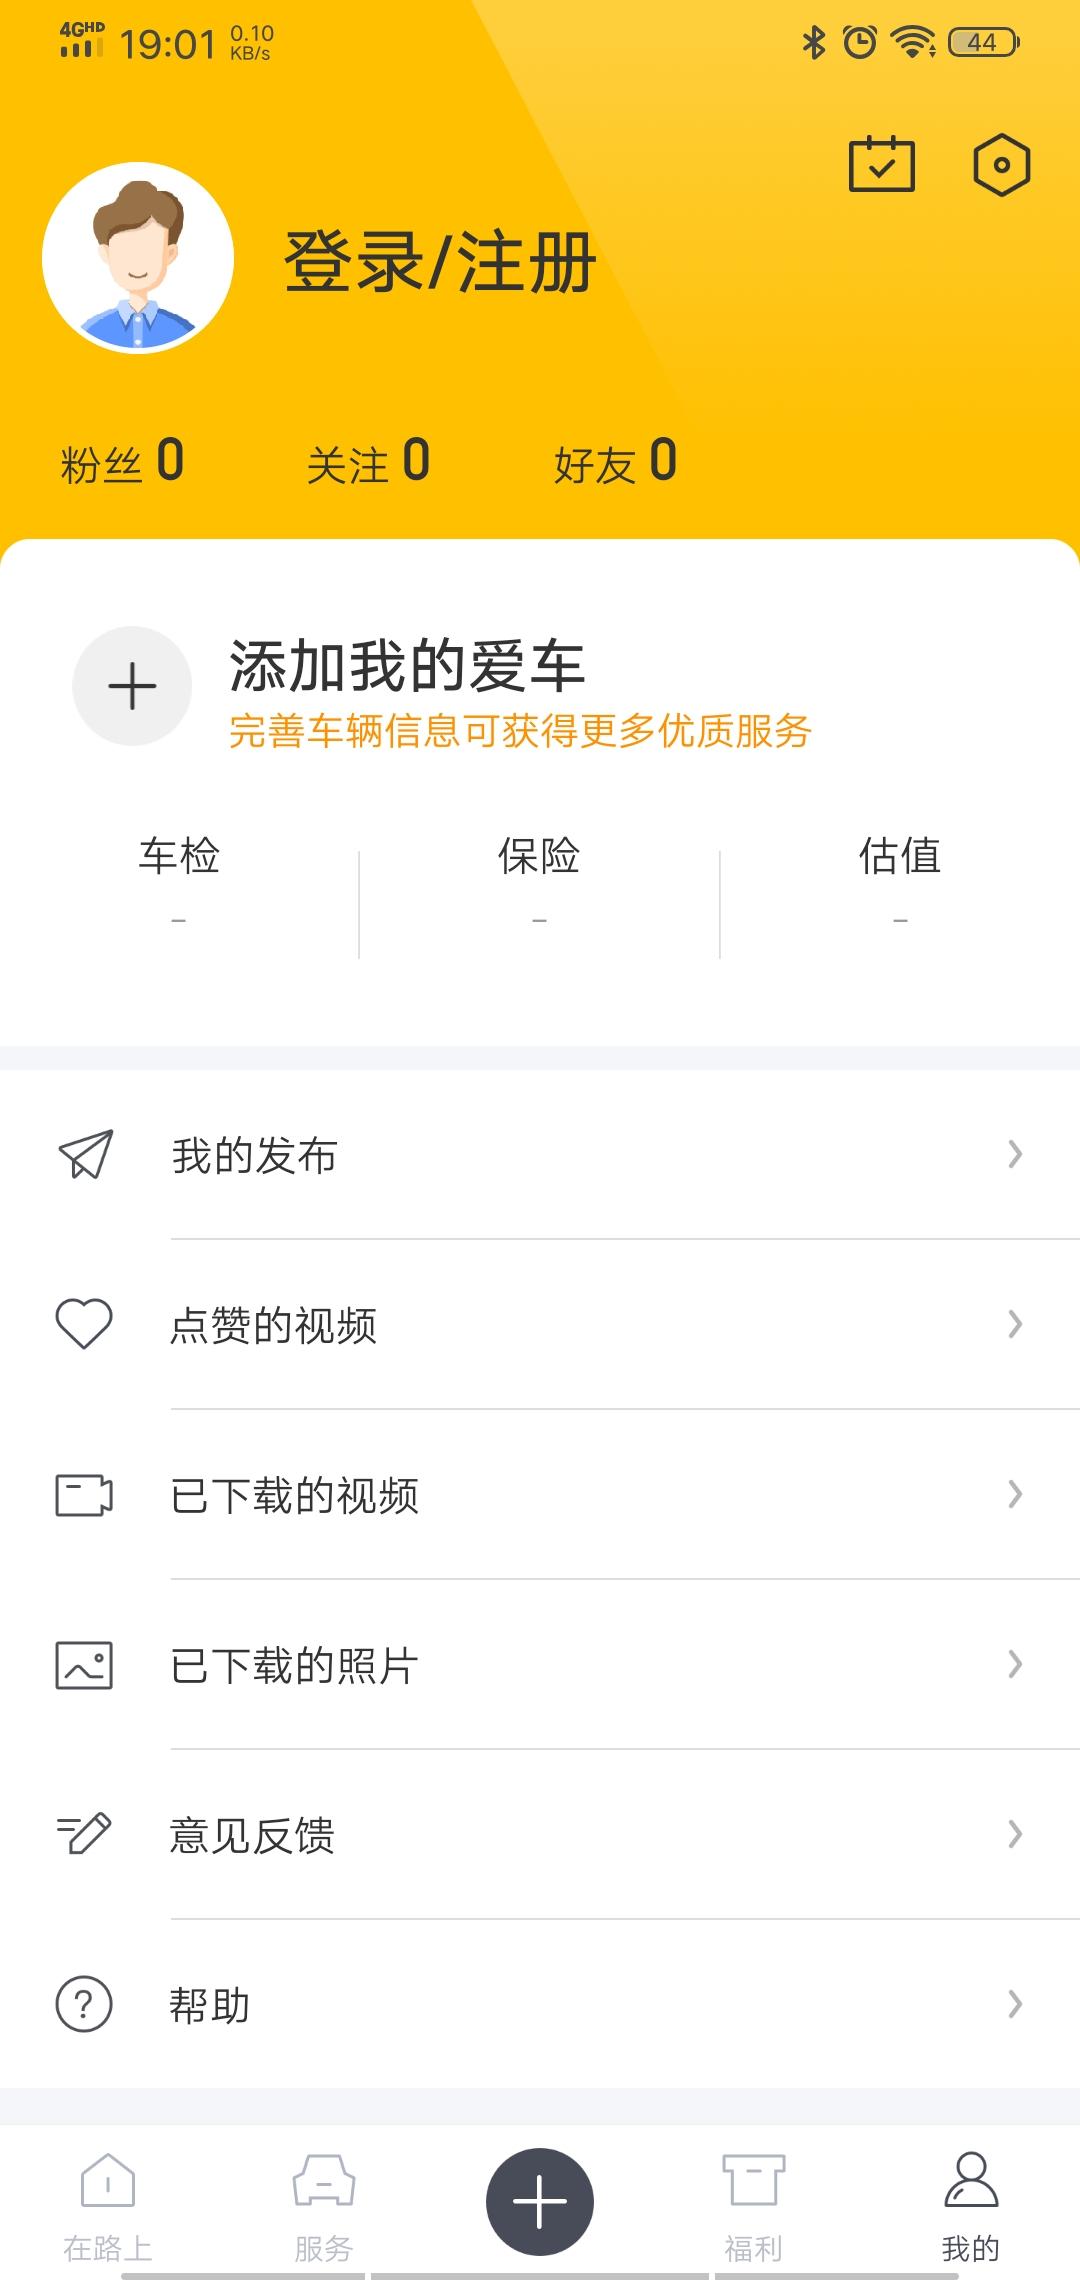 Screenshot_20191221_190142.jpg